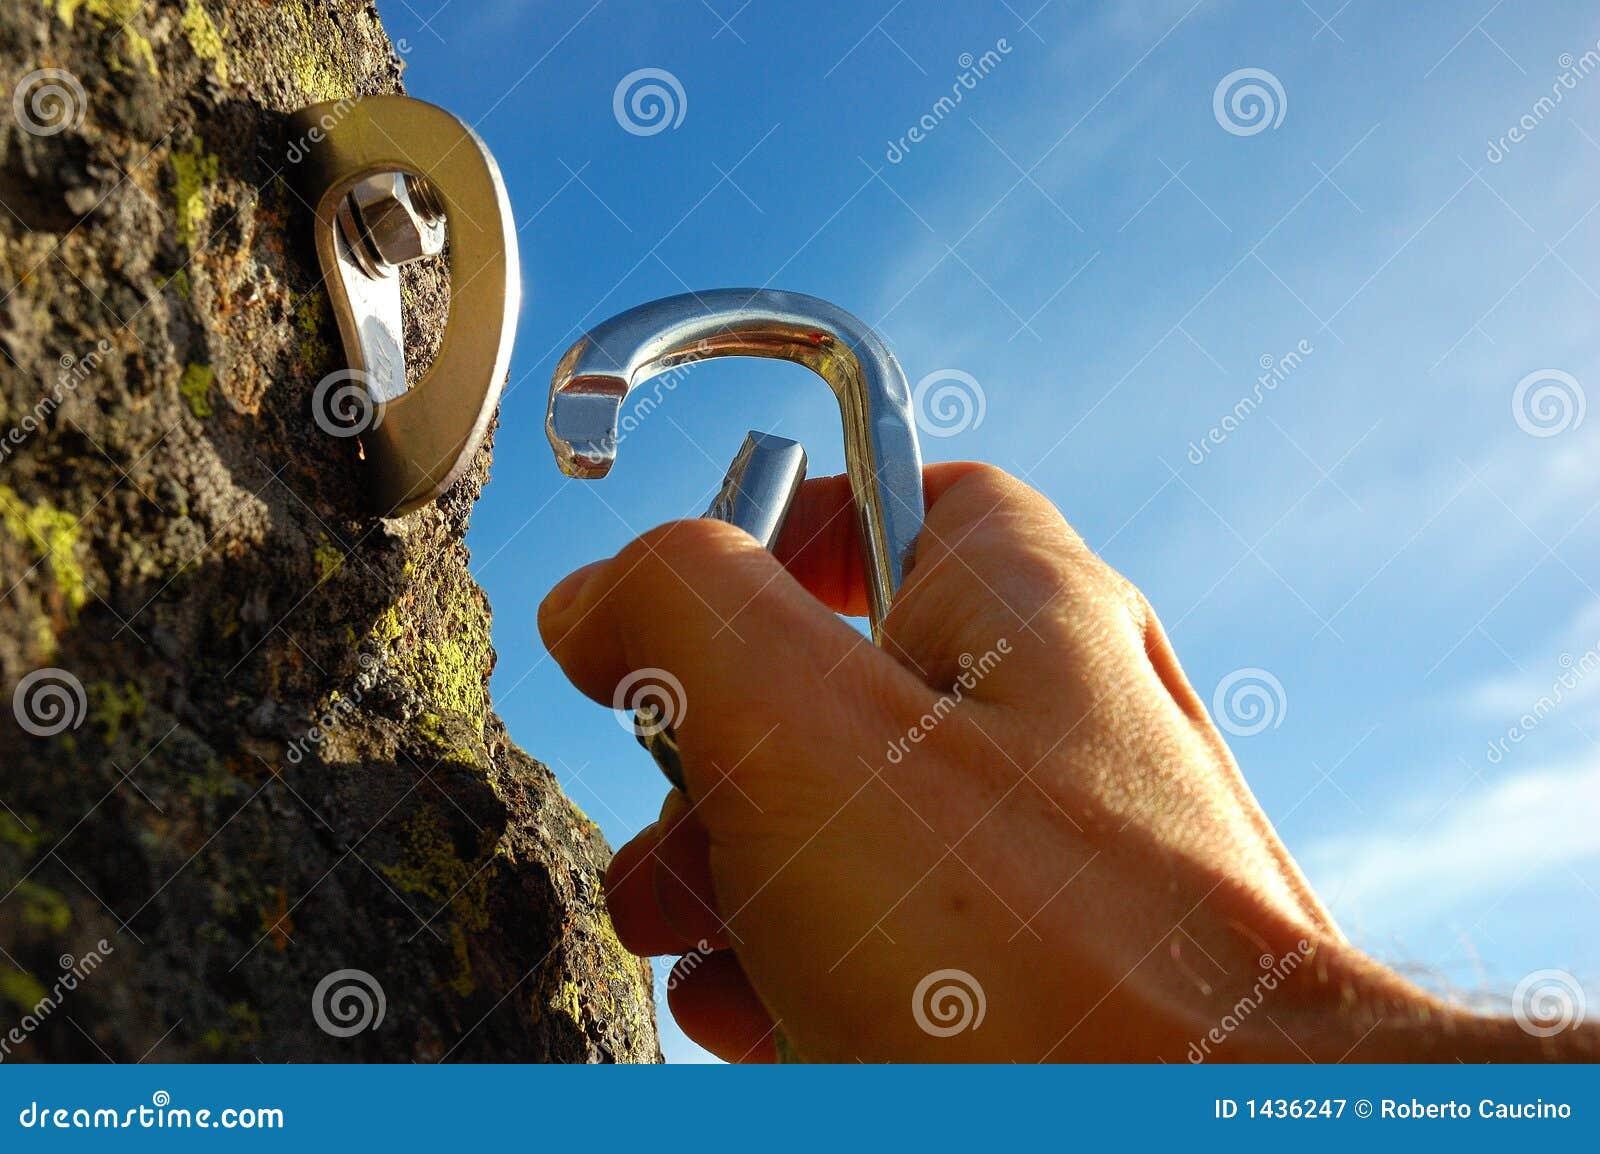 Hand attaching carabiner